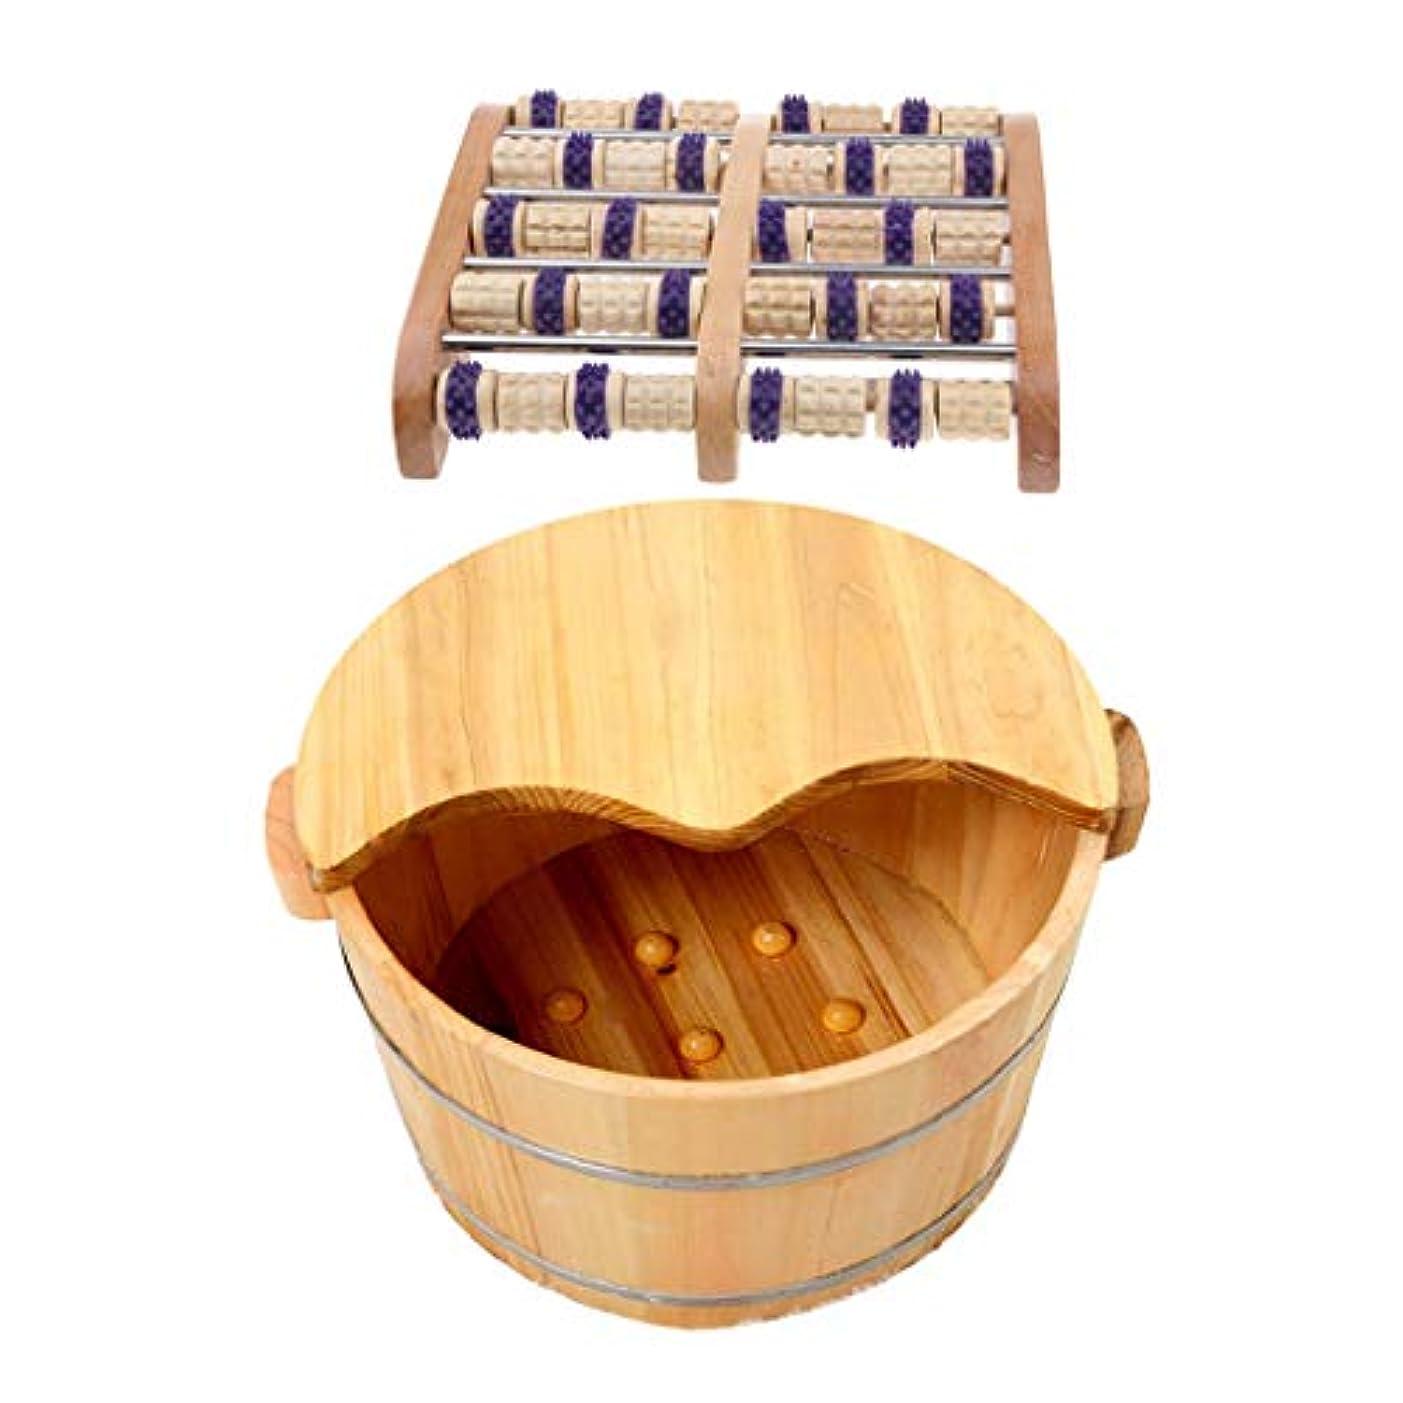 神聖バリー凍るFenteer 足つぼマッサージ 手作りウッドマッサー フット ローラー 足裏刺激 血行促進 木製の足の洗面台付き